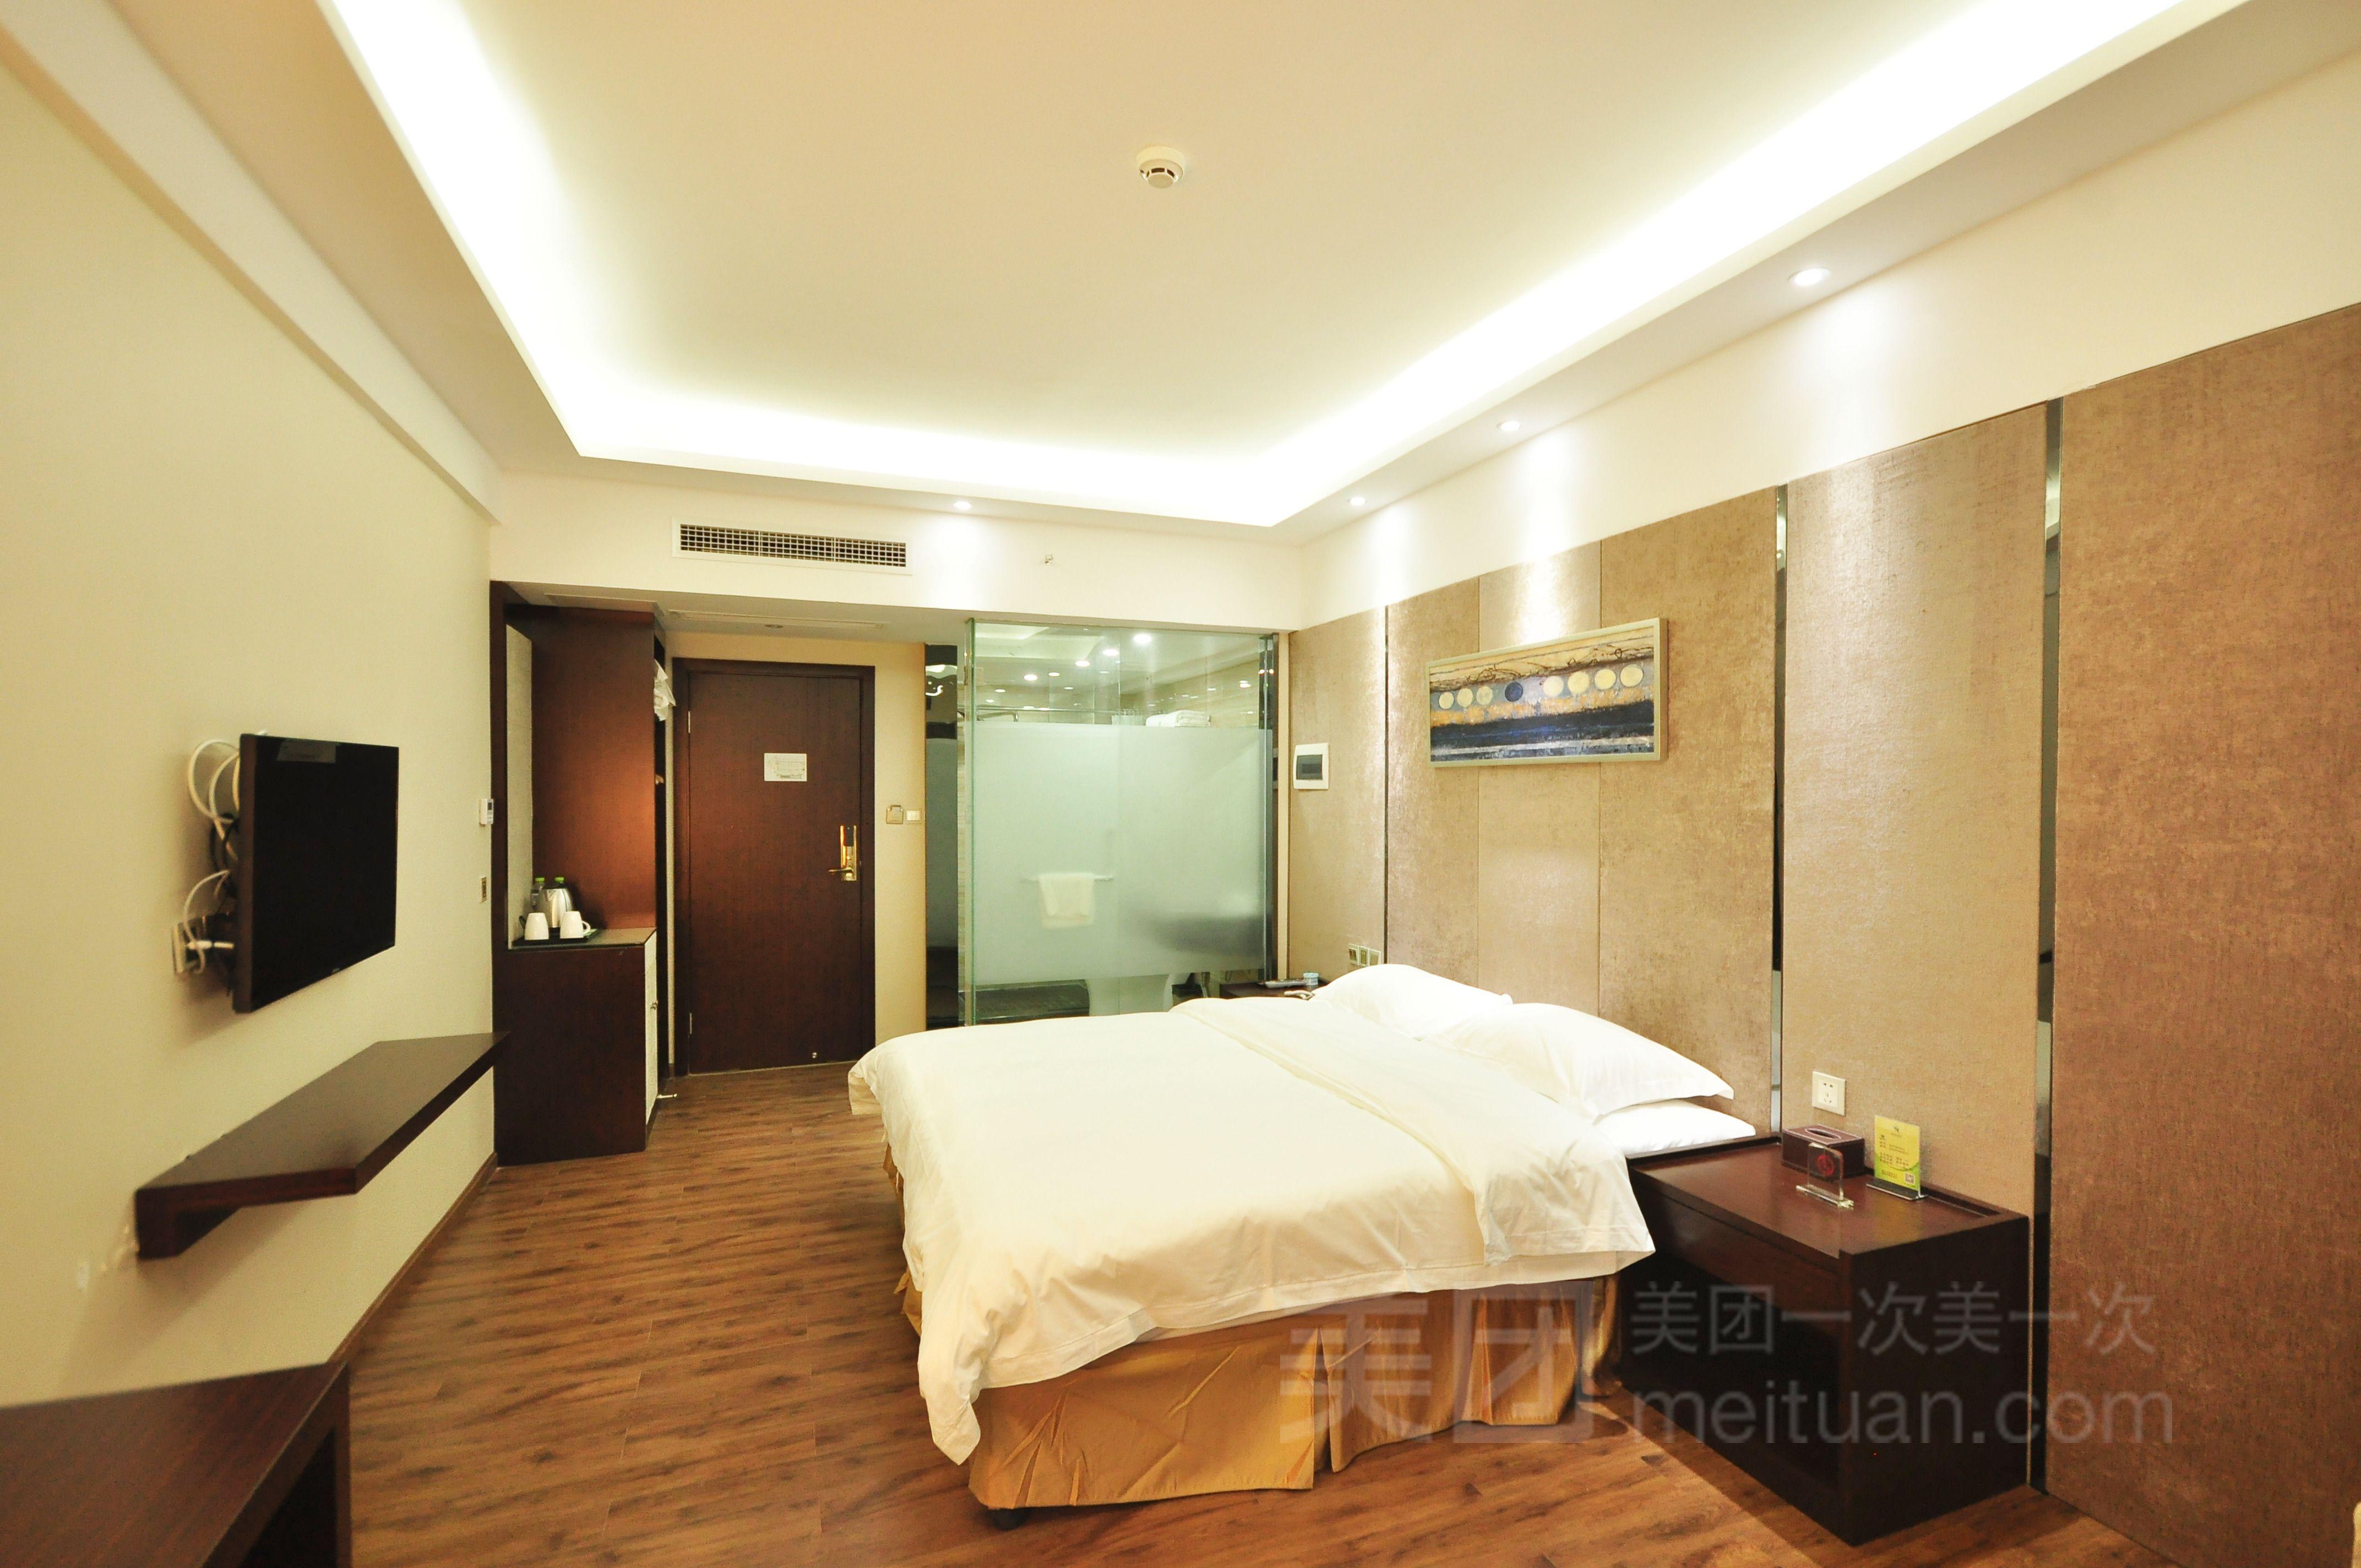 【北京橄榄树酒店团购】橄榄树酒店高级大床房入住1